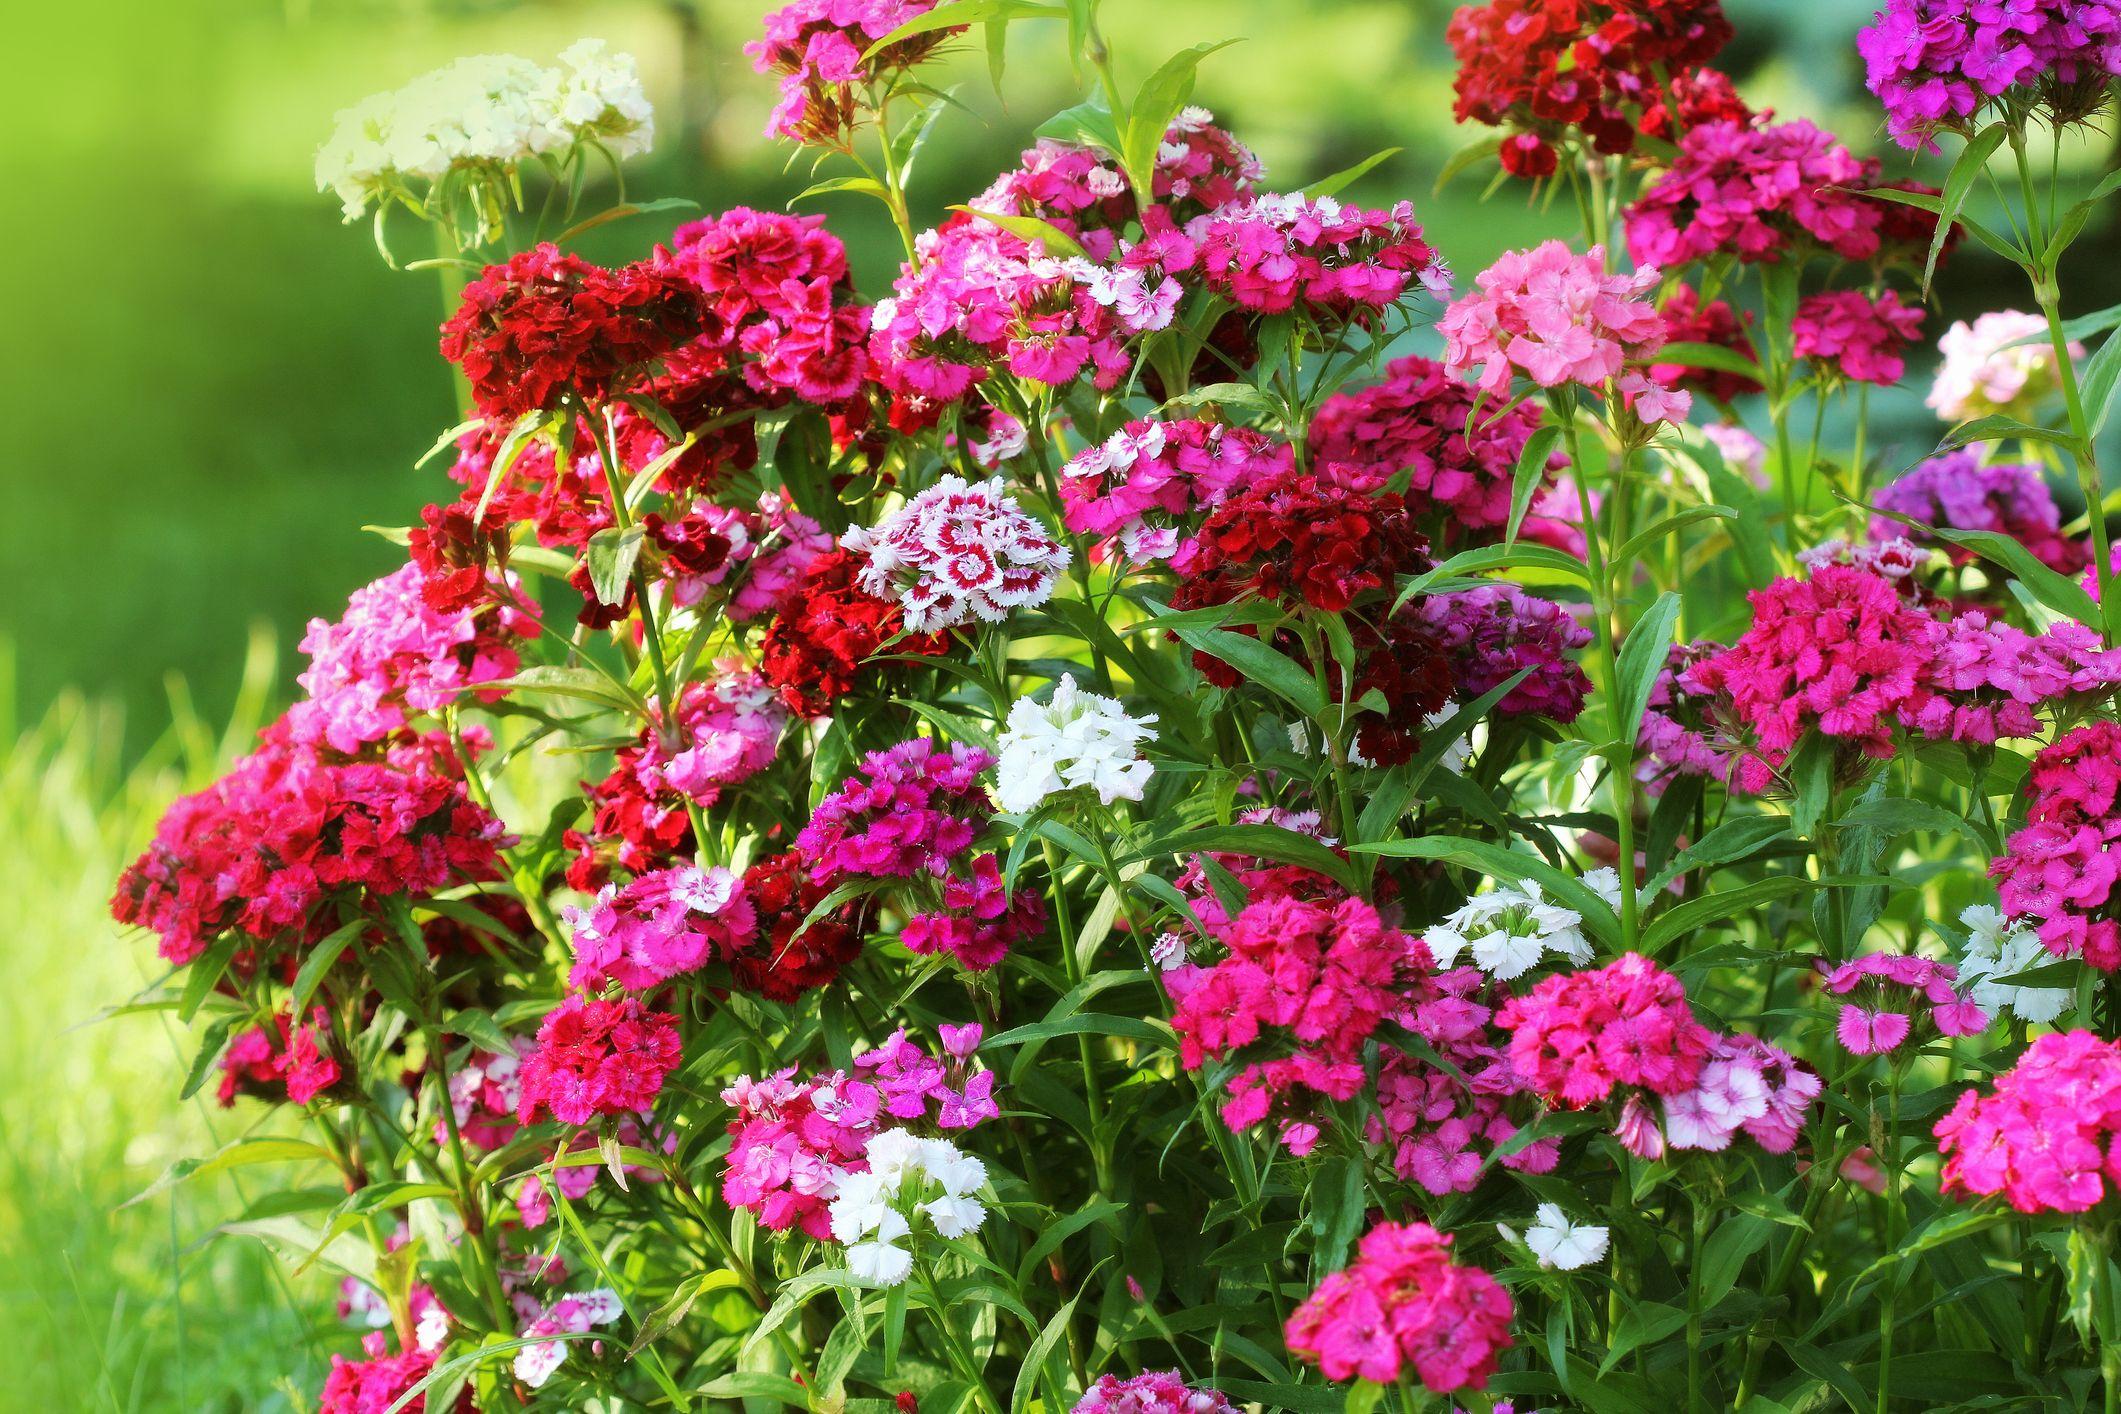 25 Best Fall Flowers for an Autumn Garden - Prettiest